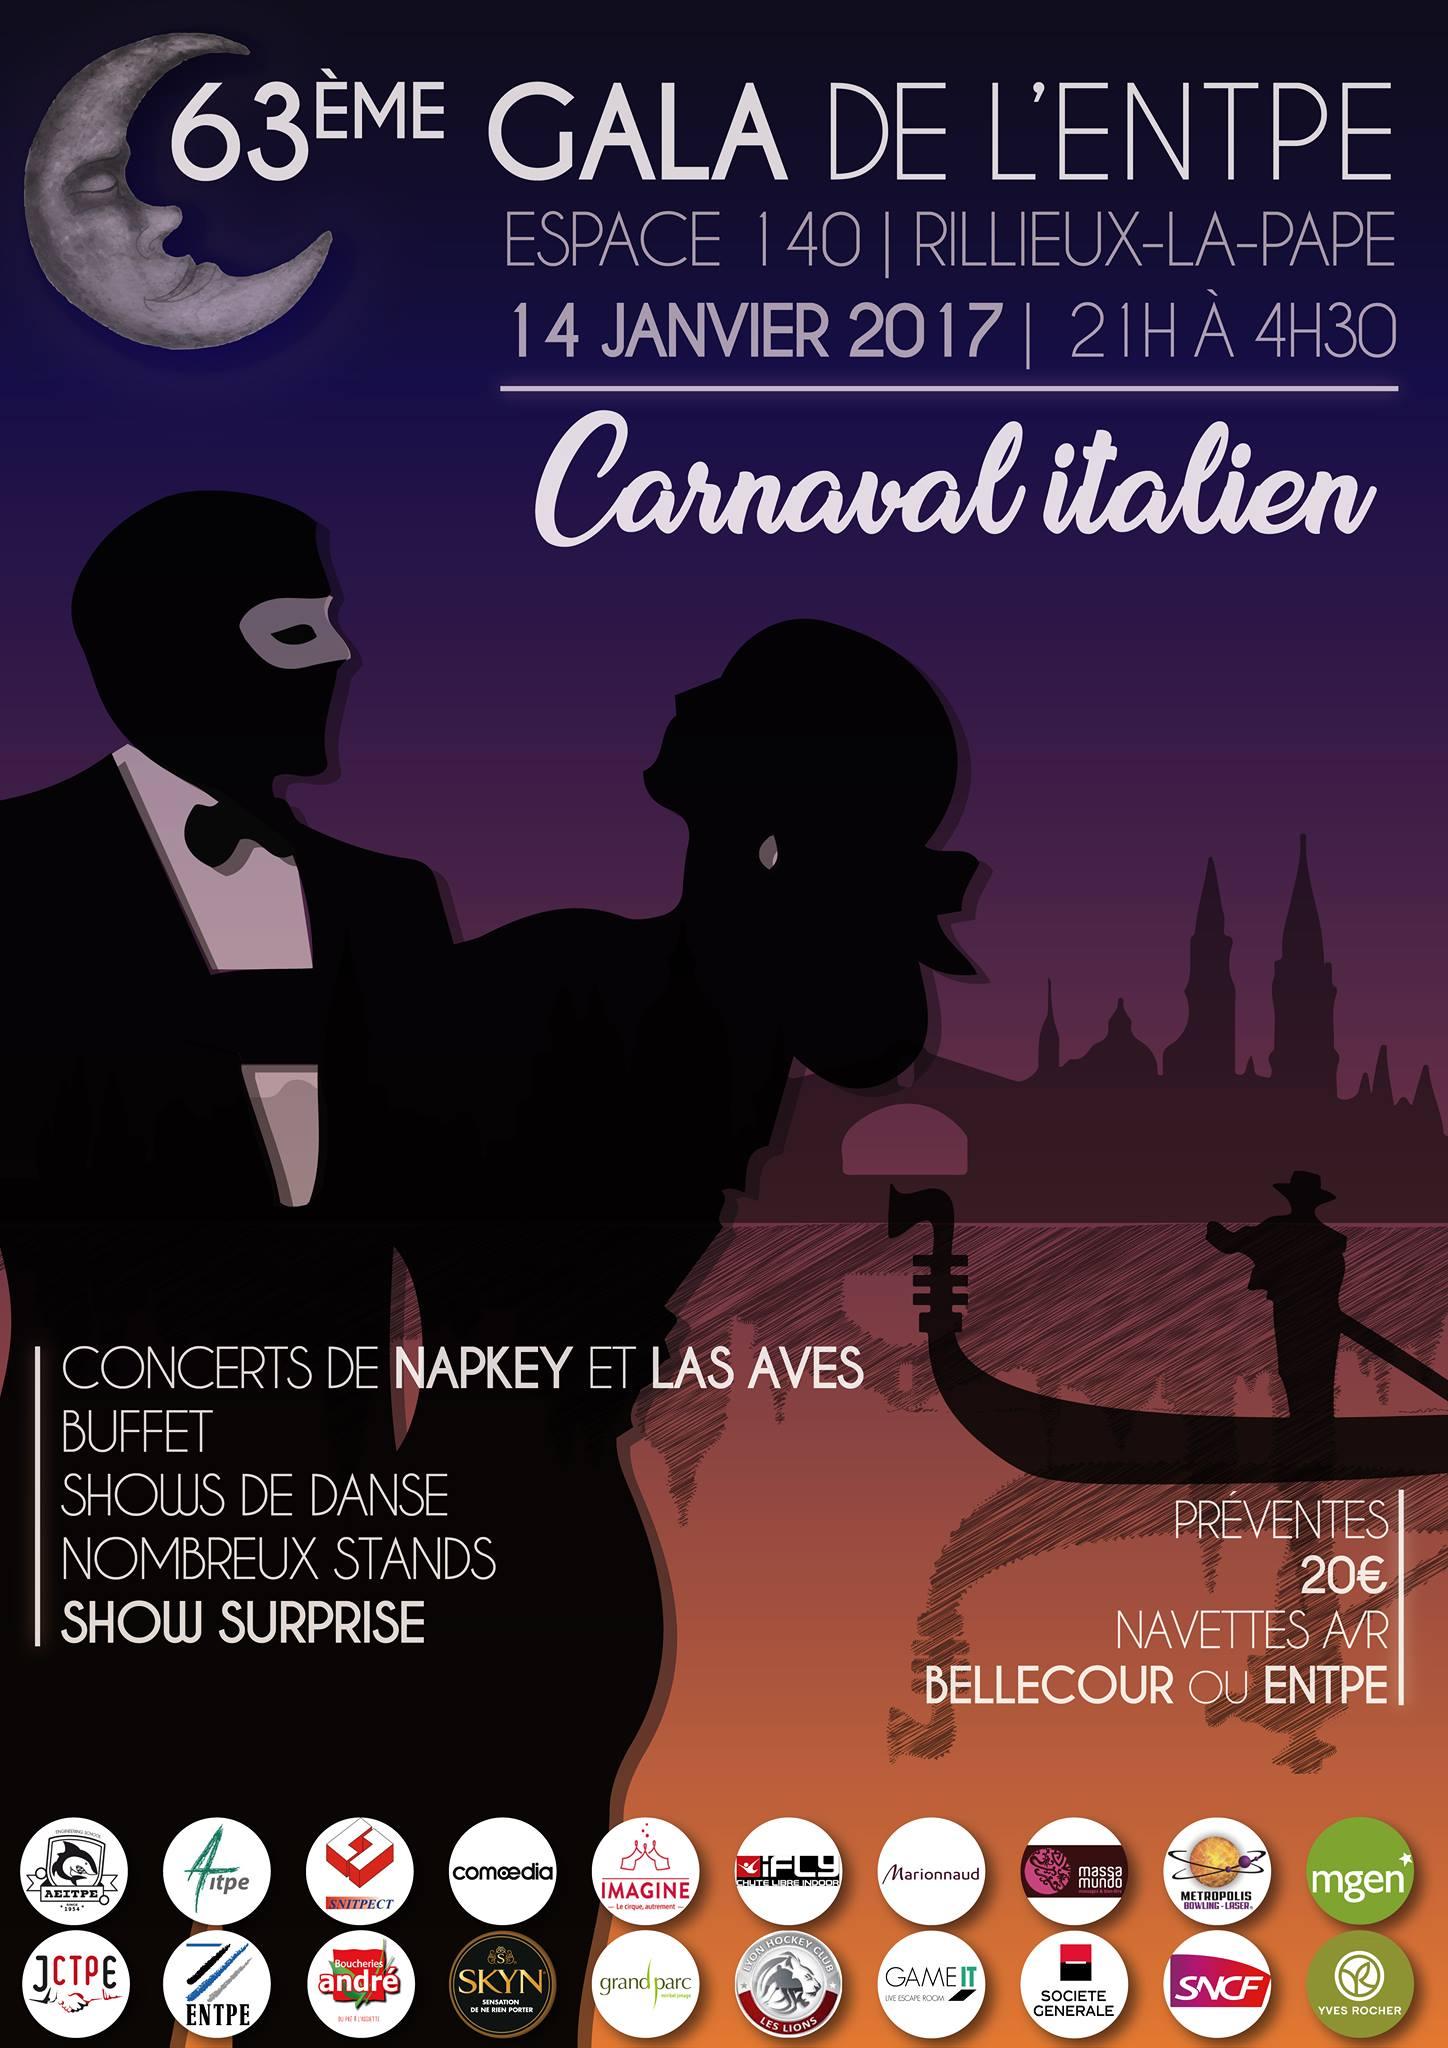 Affiche du Gala63 du 14/01/2017